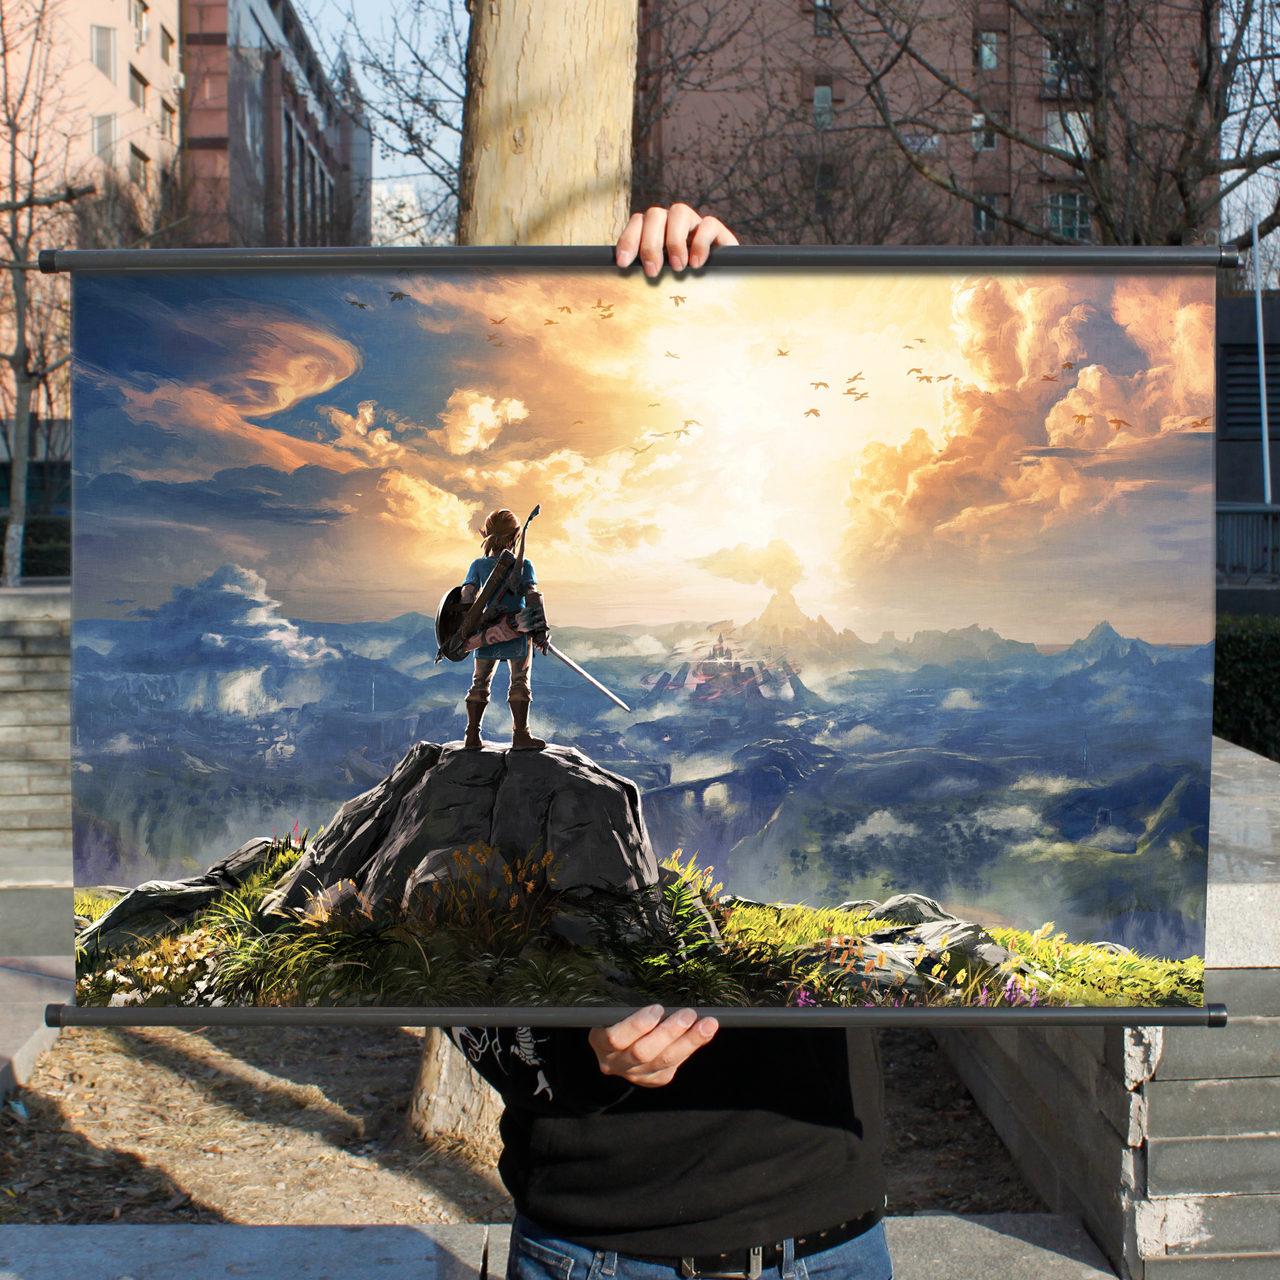 塞尔达传说荒野之息游戏周边二次元海报挂画林克旷野之息